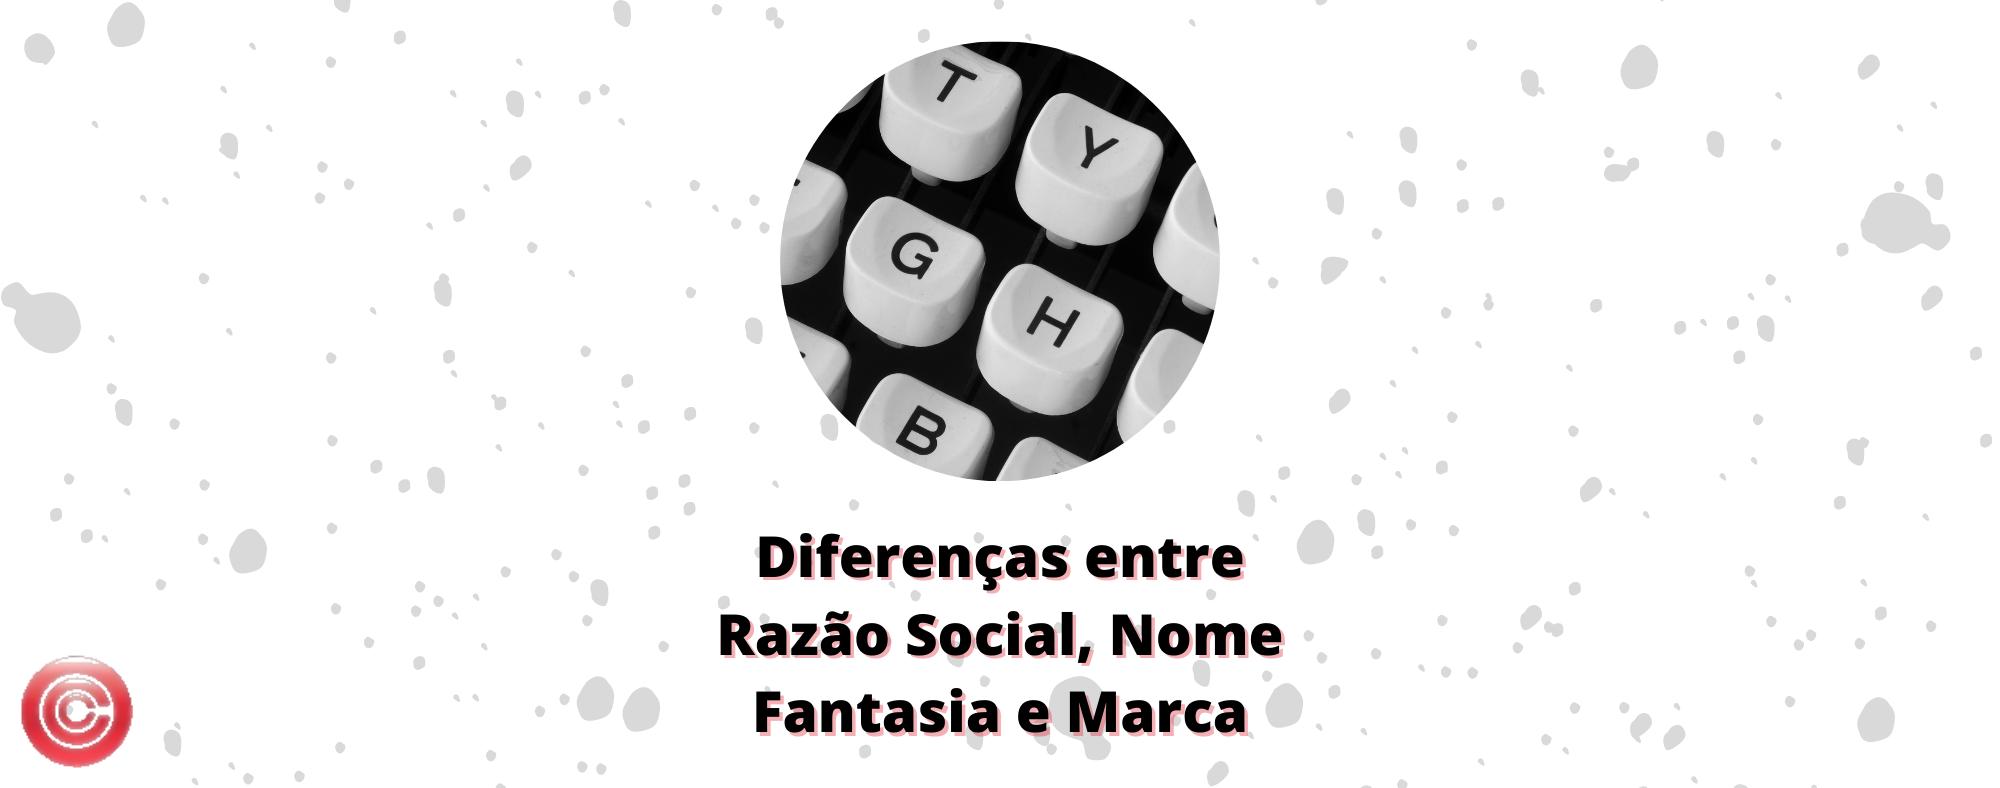 Diferenças entre Razão Social, Nome Fantasia e Marca